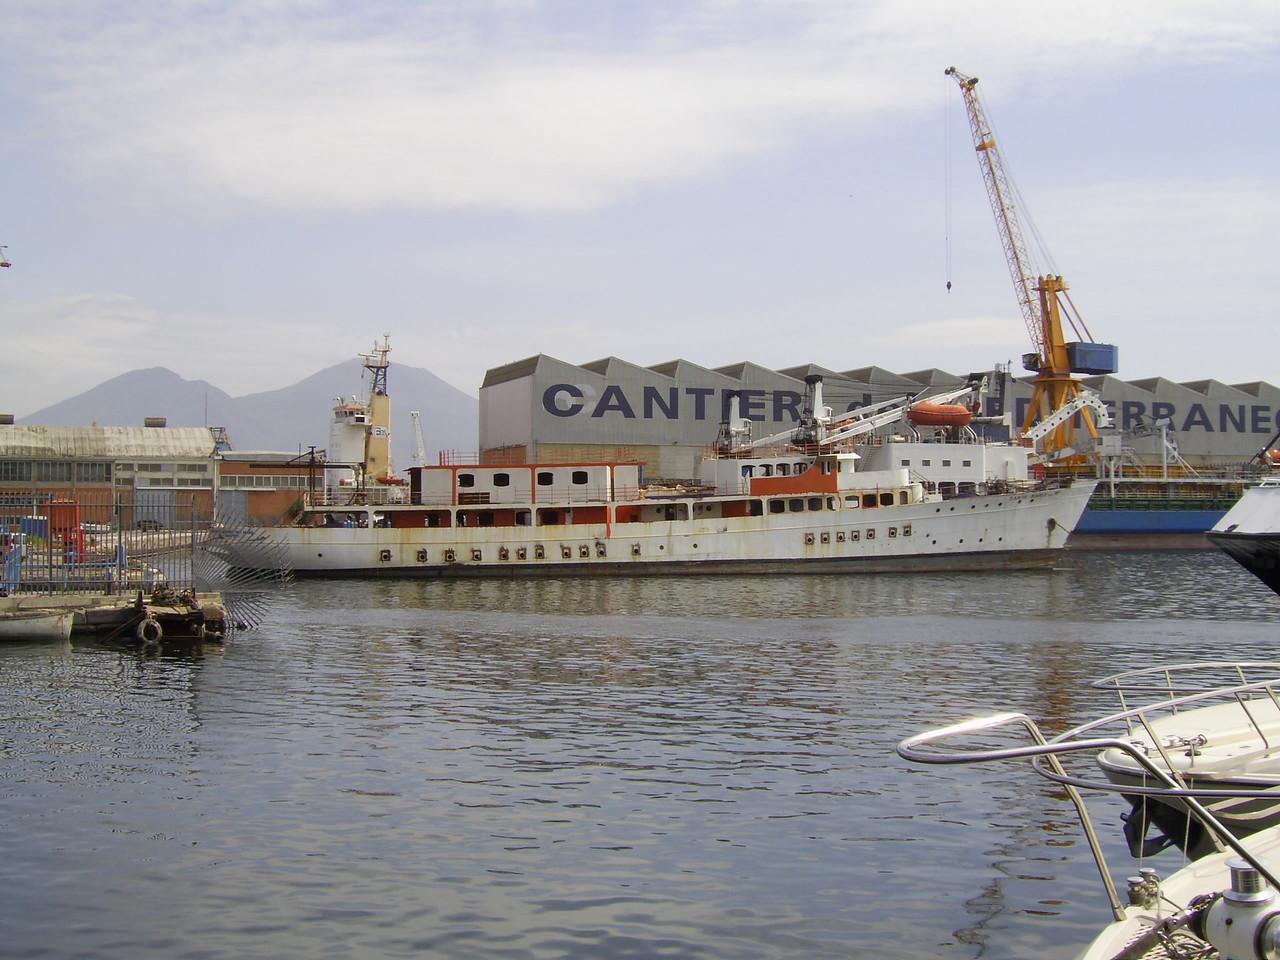 2007 - SANTA MARIA DEL MARE during conversion works in Napoli.